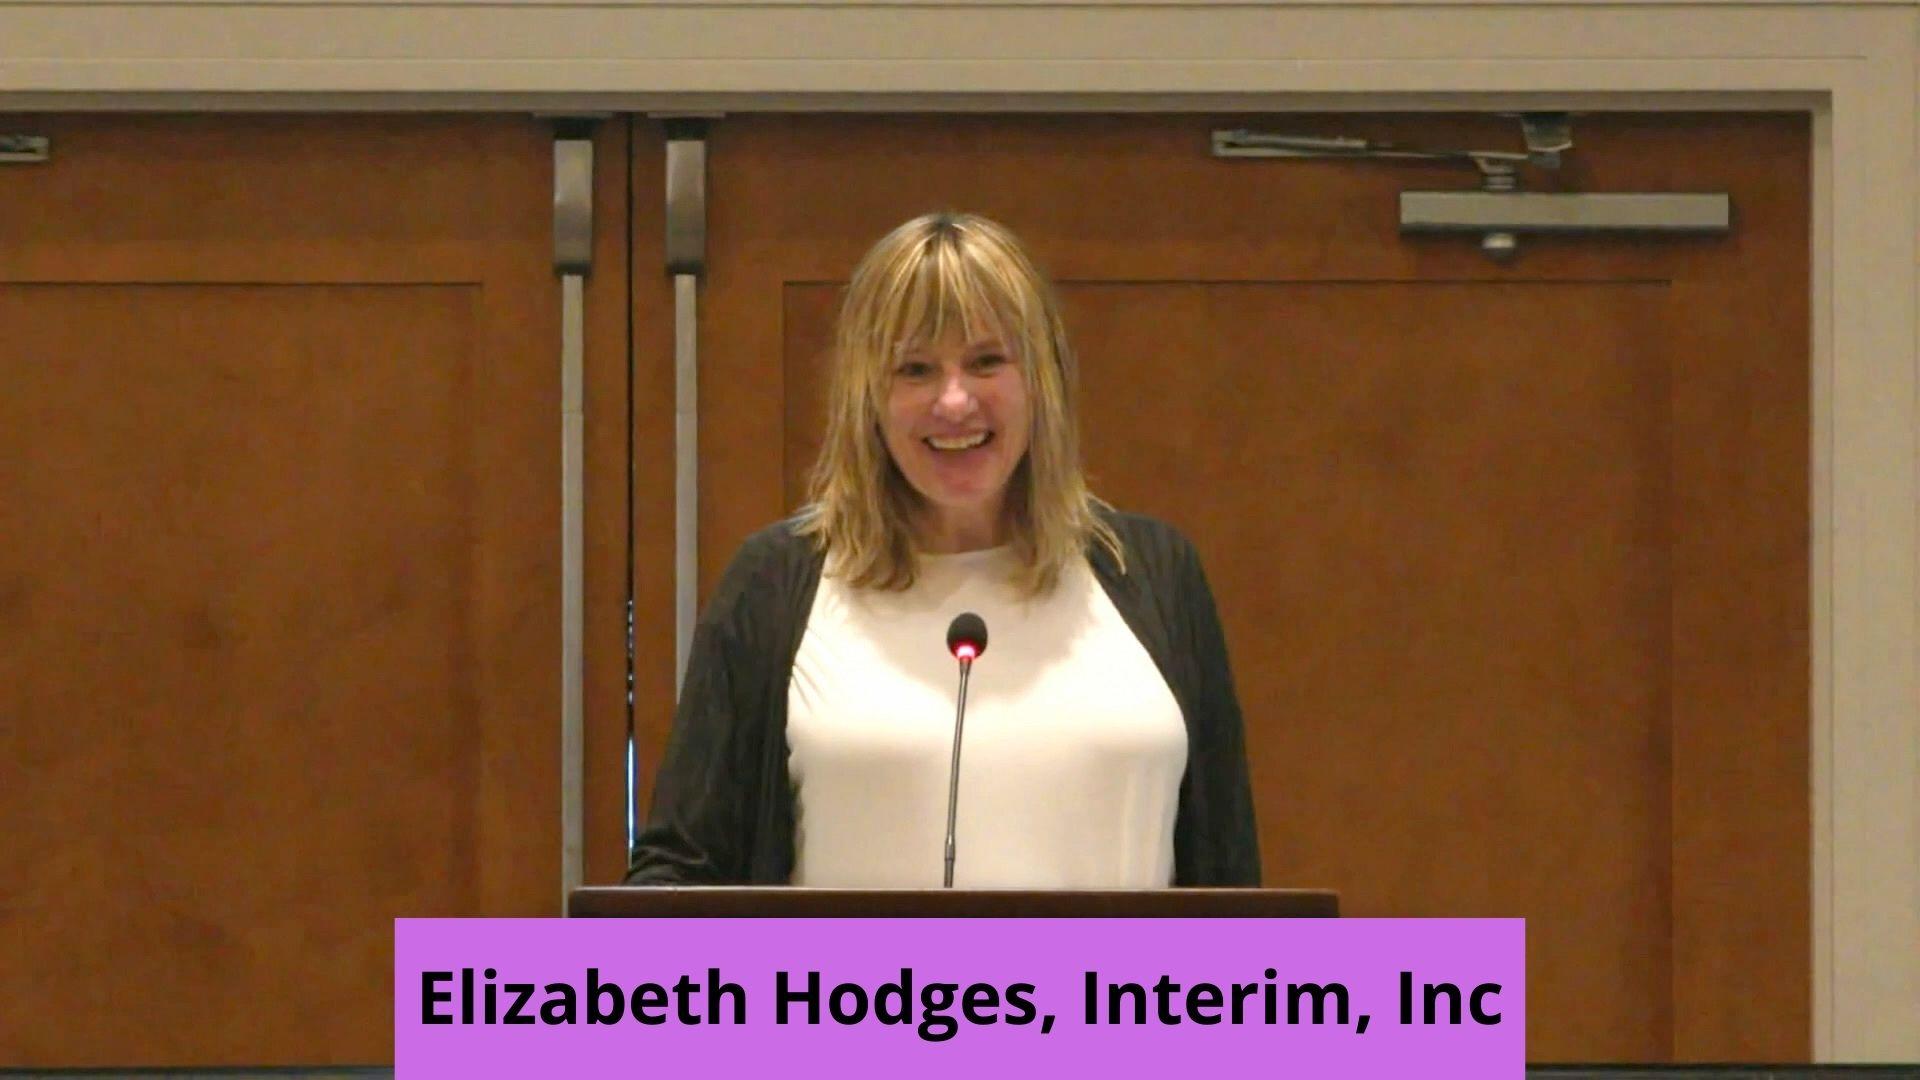 Elizabeth Hodges, Interim, Inc.